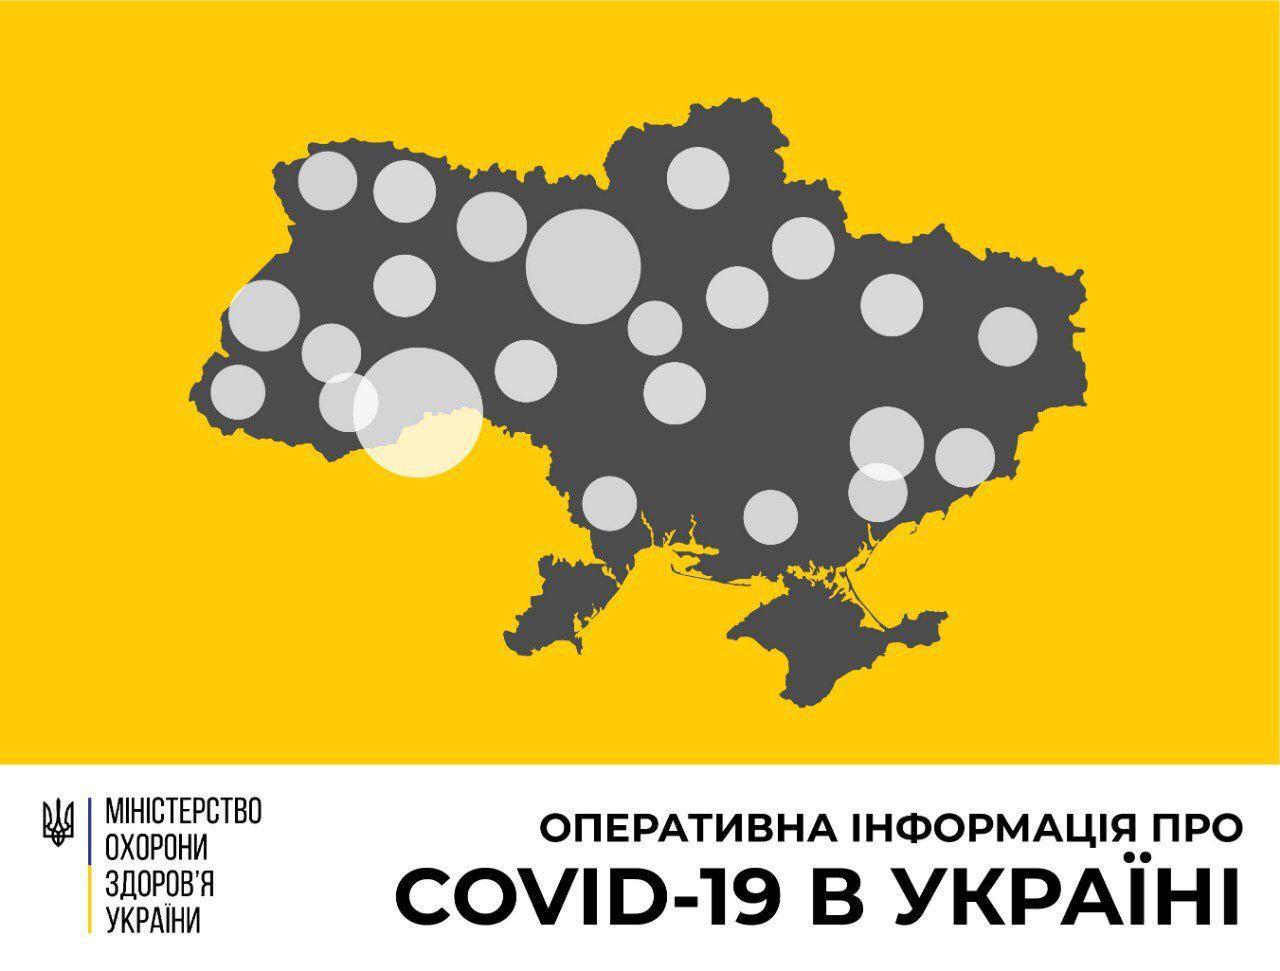 Коронавирус в Украине: МОЗ опубликовало свежие данные по зараженным и умершим - today.ua